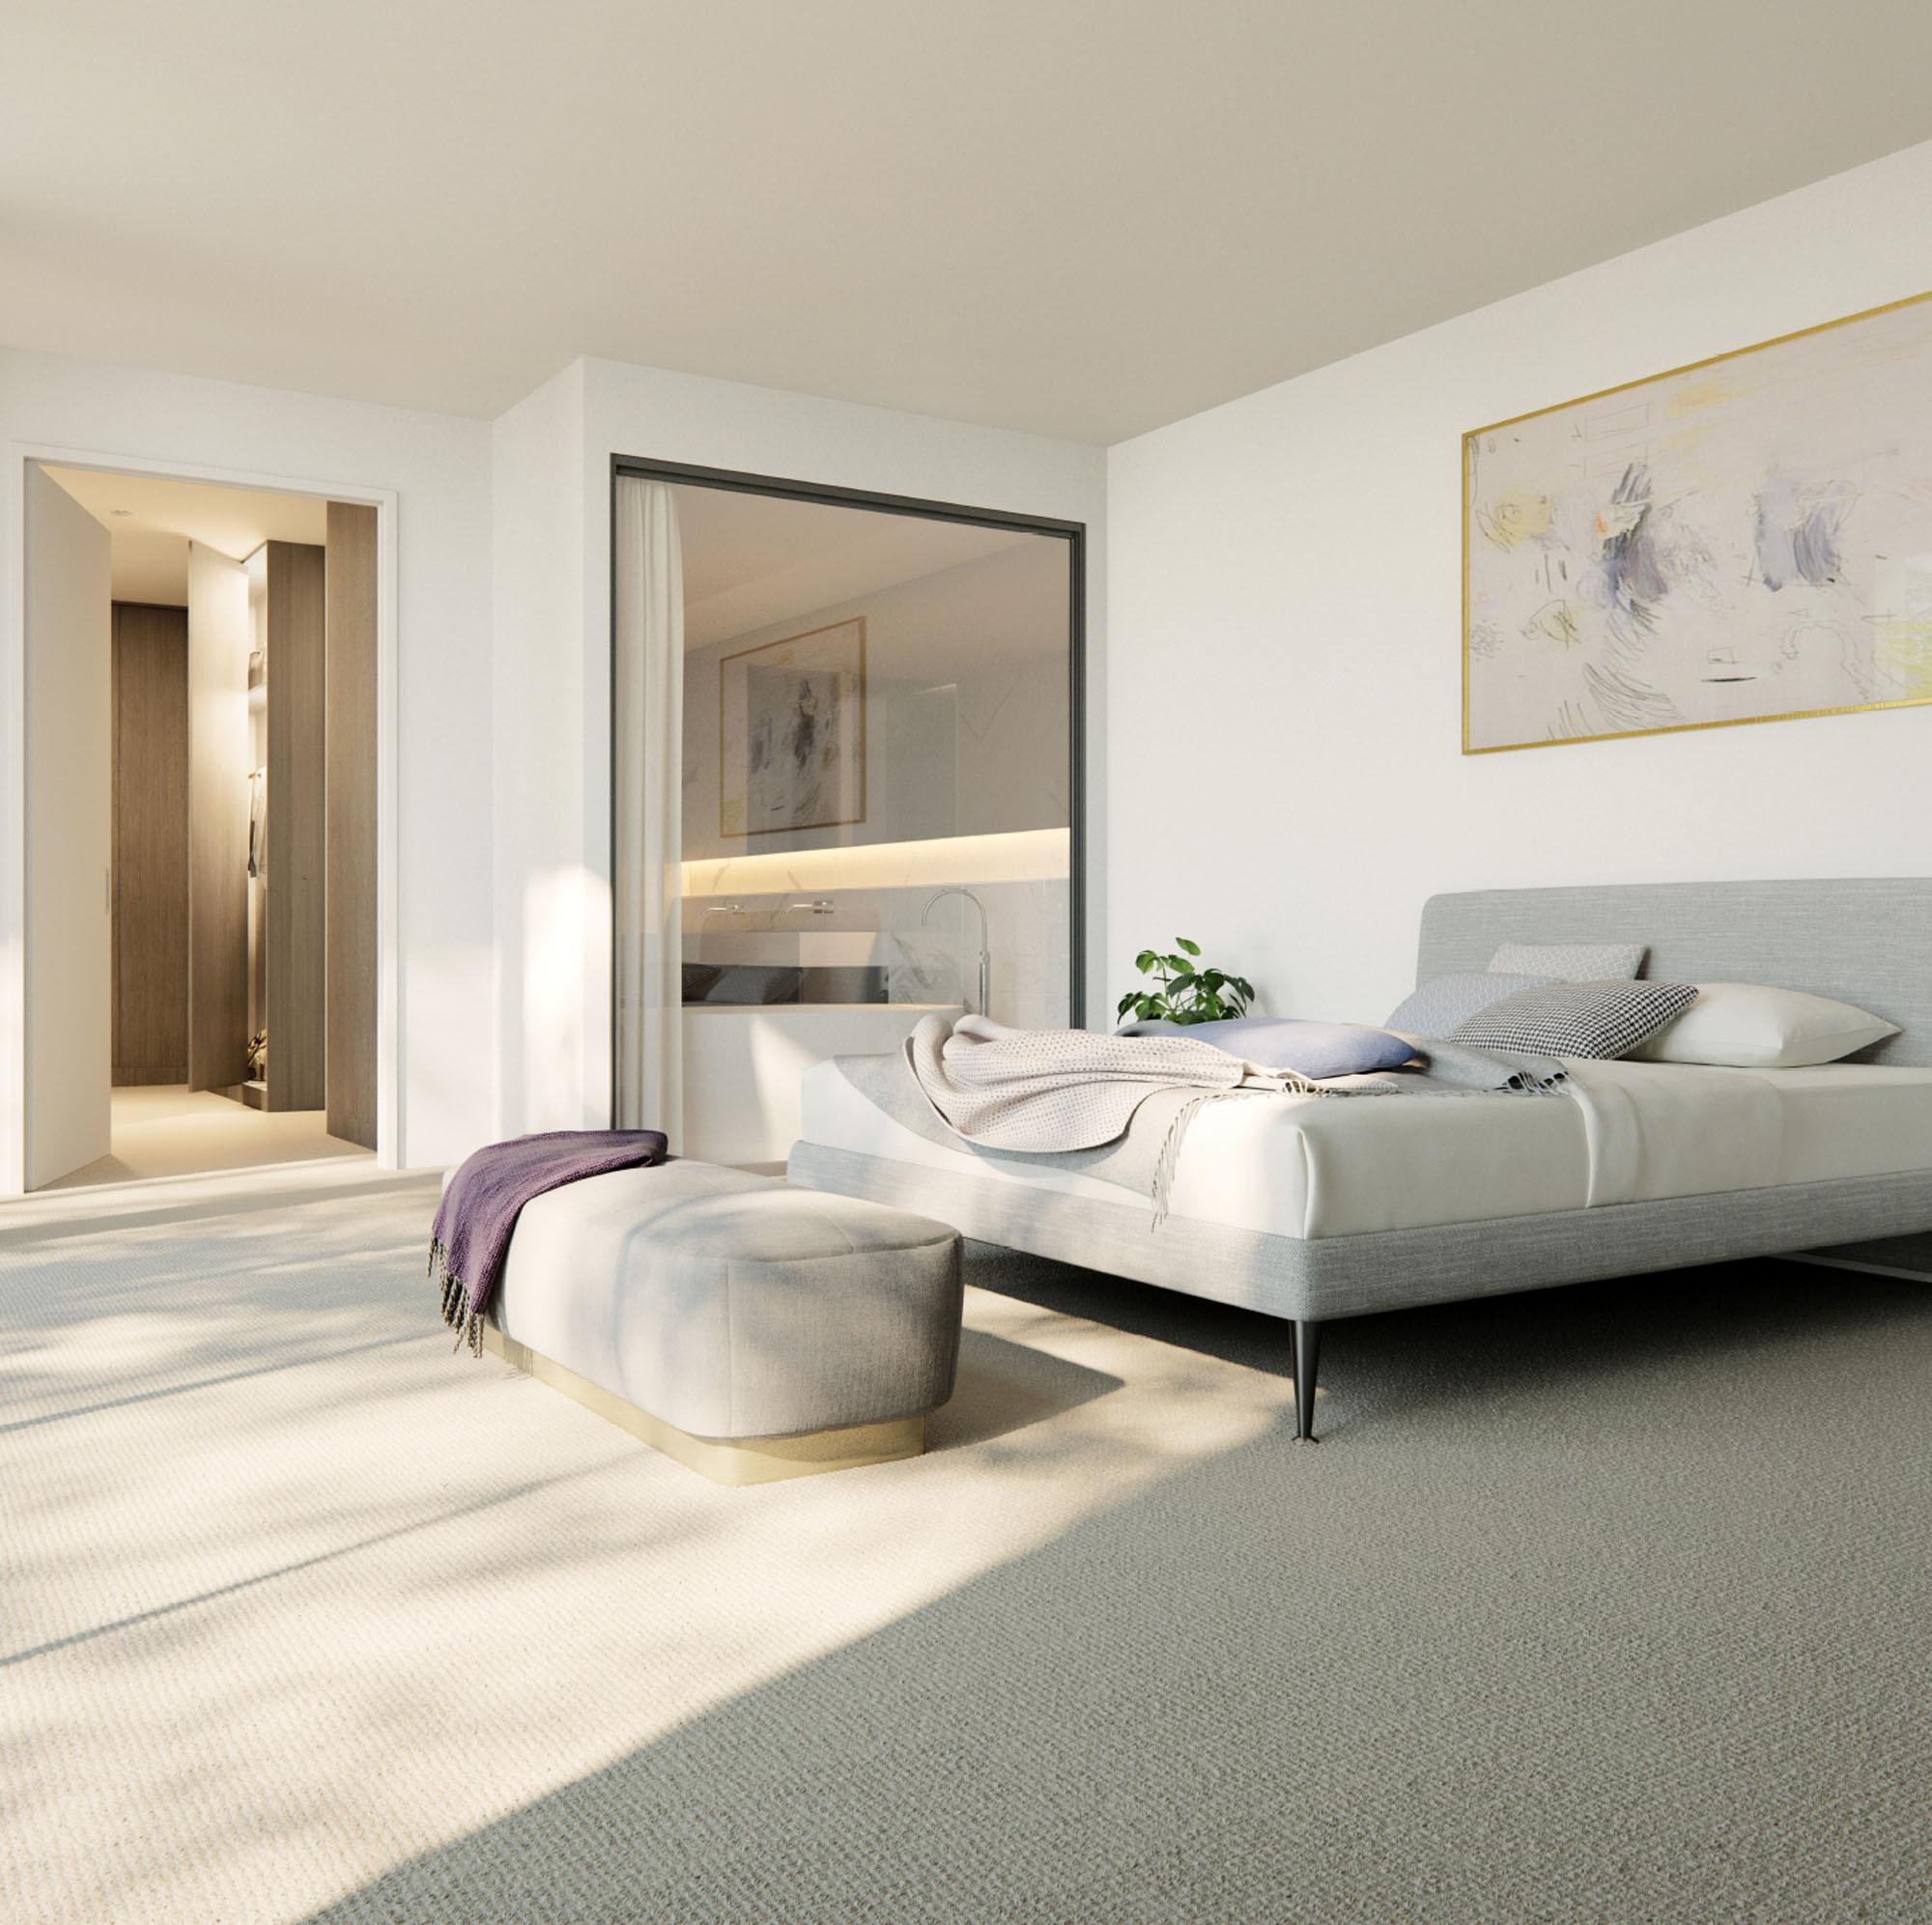 Ascui & Co Anderson Park Apartments